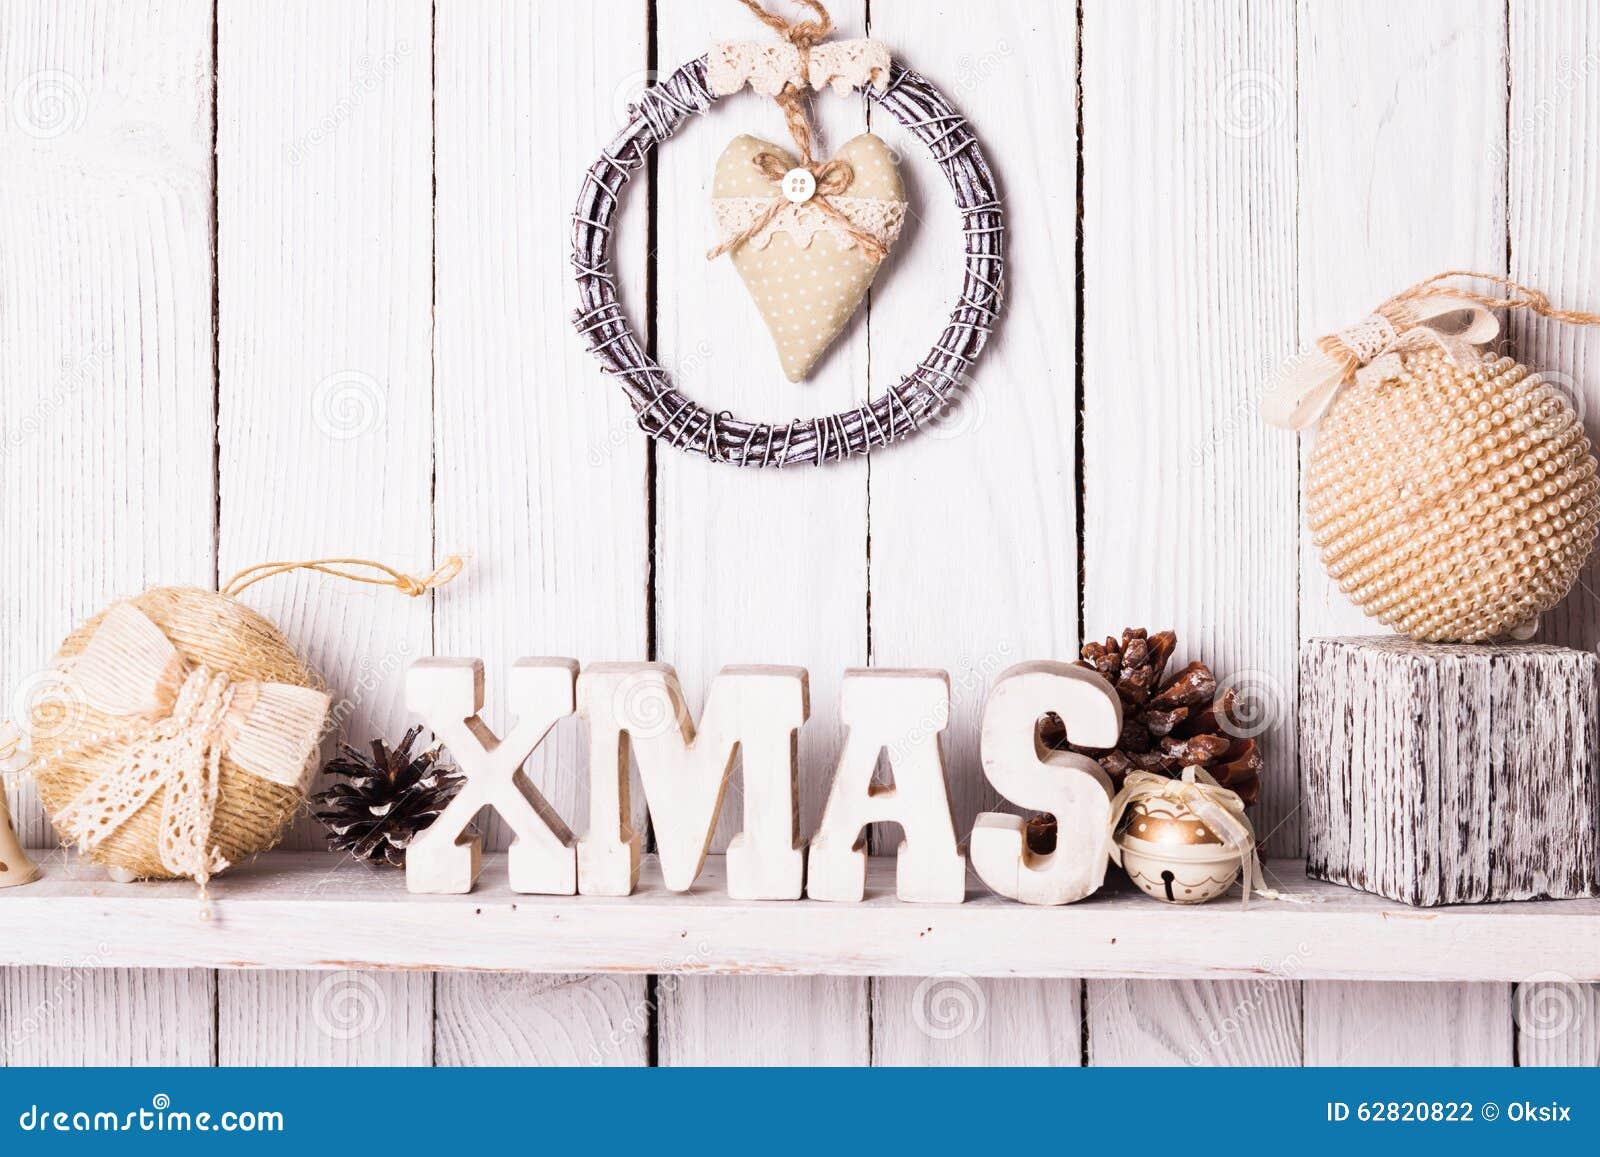 Weihnachtsdekor im Regal stockfoto. Bild von dekoration - 62820822